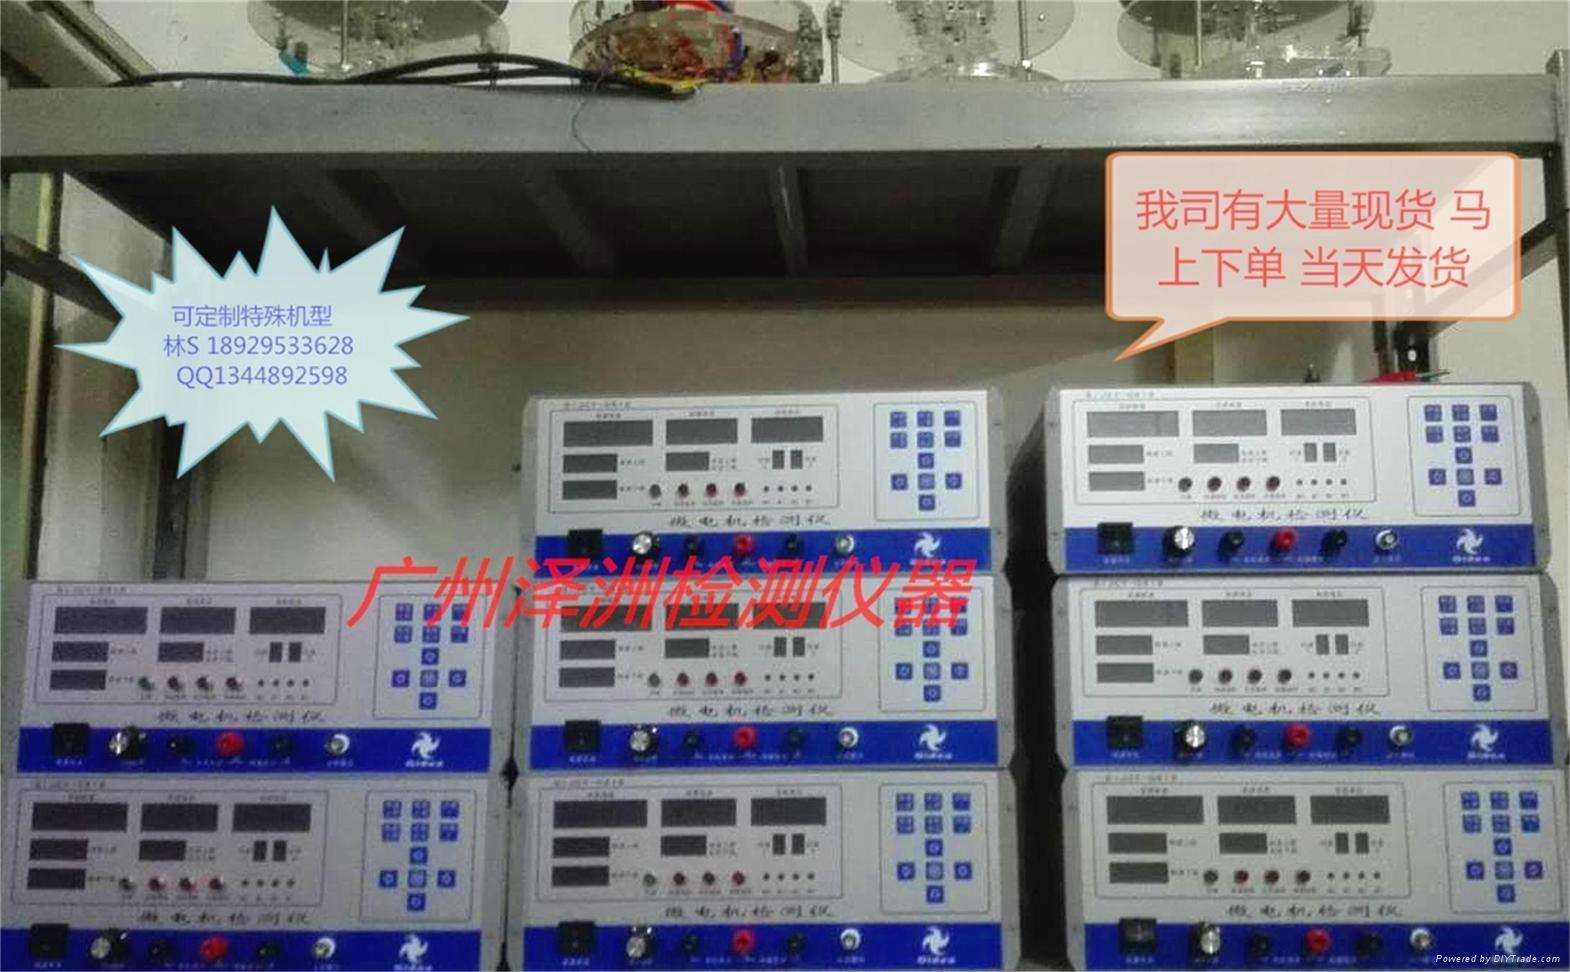 GiJCY-0618-A+微电机检测仪增强型10v 3